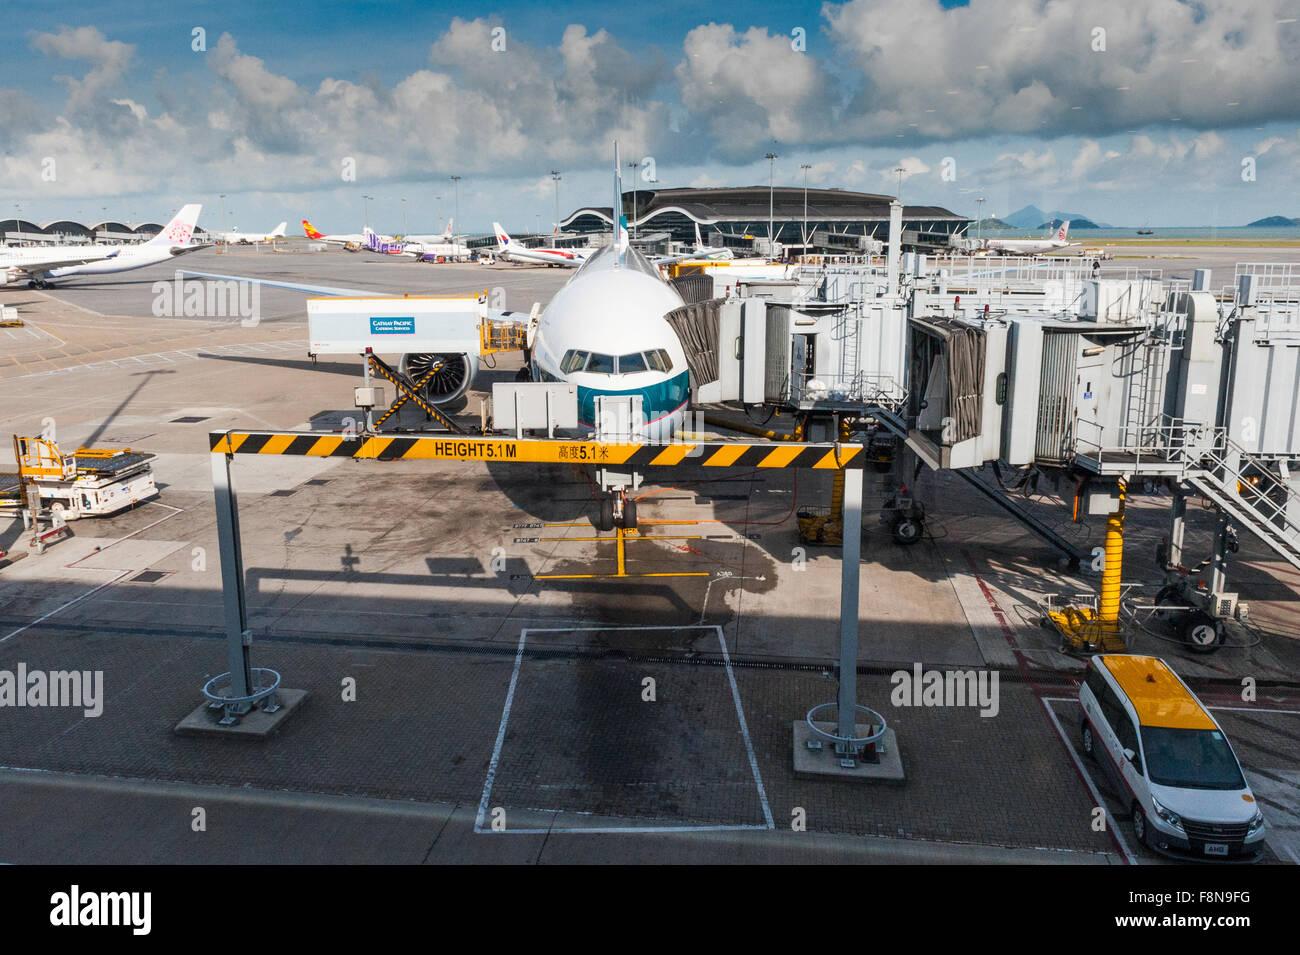 Airplane on the tarmac at Chek Lap Kok airport Hong Kong - Stock Image